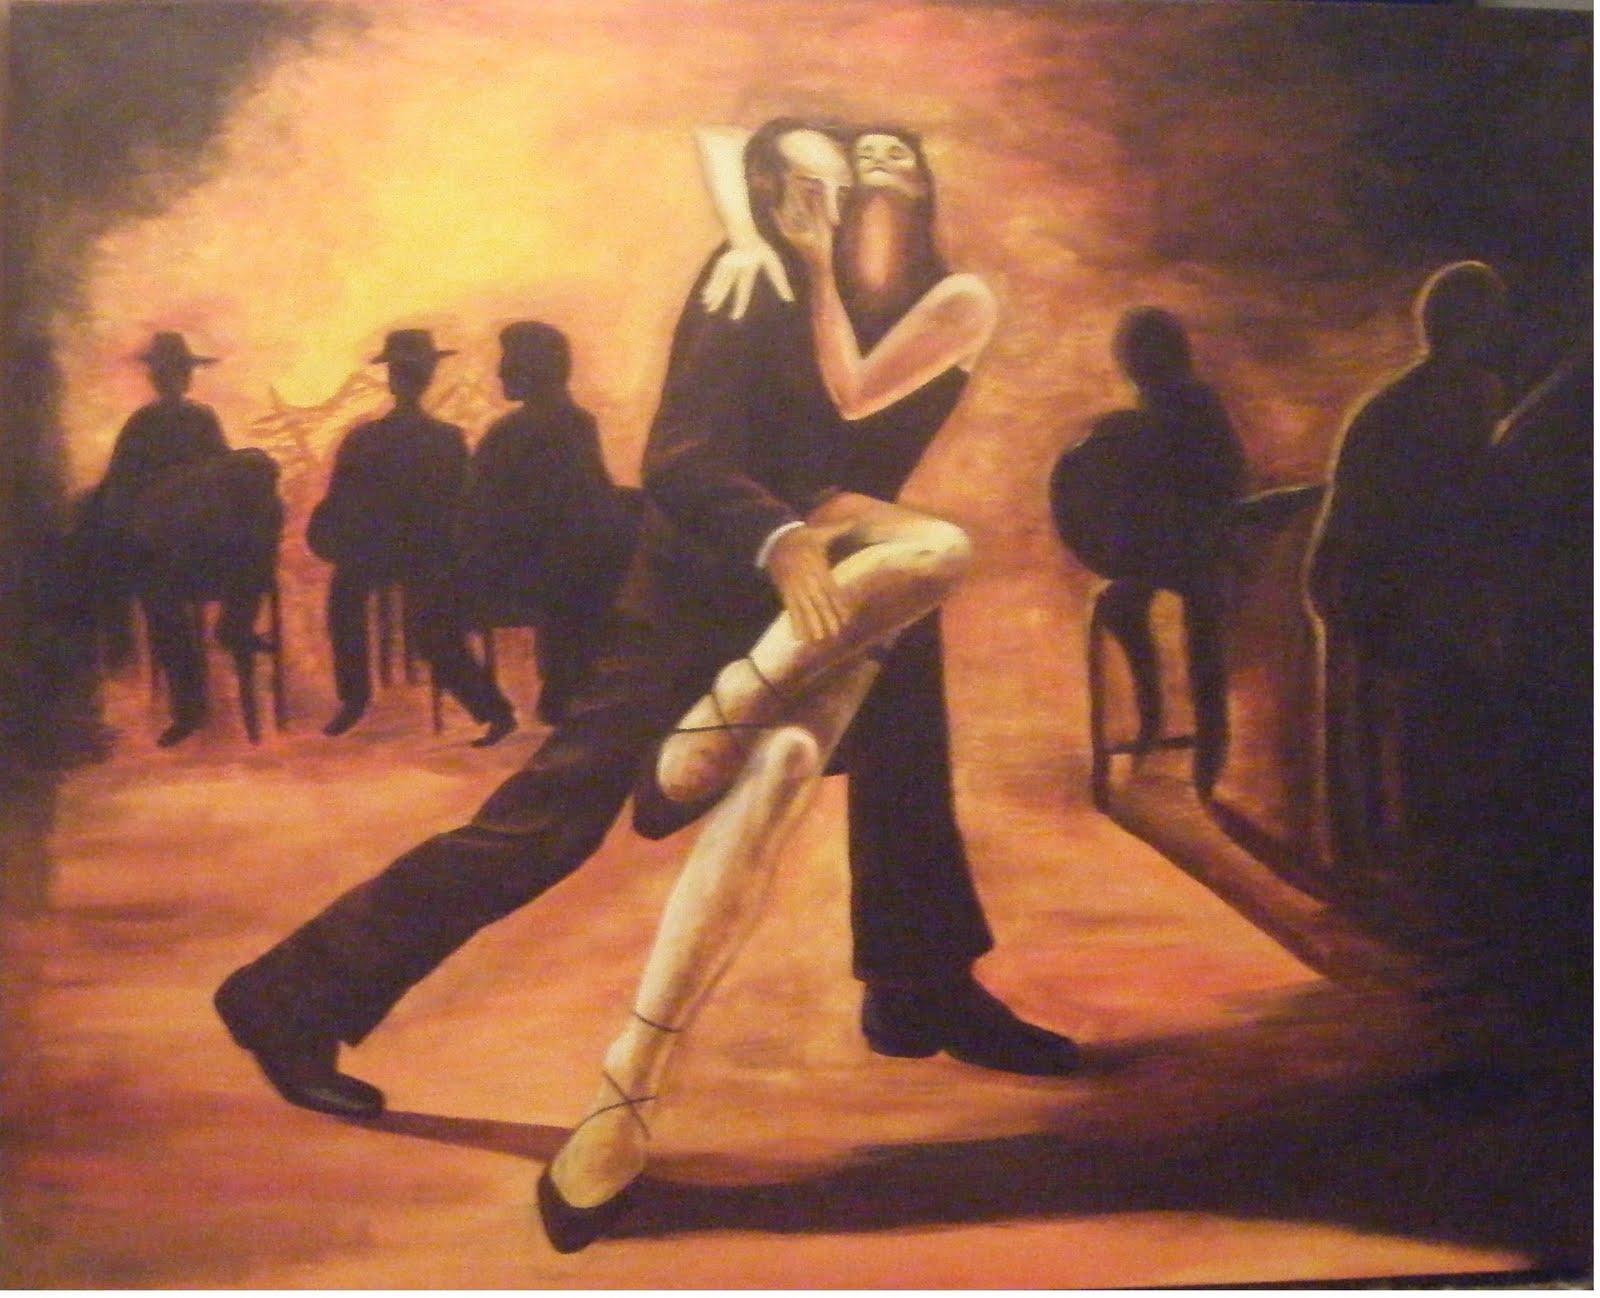 http://2.bp.blogspot.com/_RTMLSVRVuZ4/TDR4G19EWEI/AAAAAAAAABs/m2P2sS2r3A8/s1600/tango.jpg